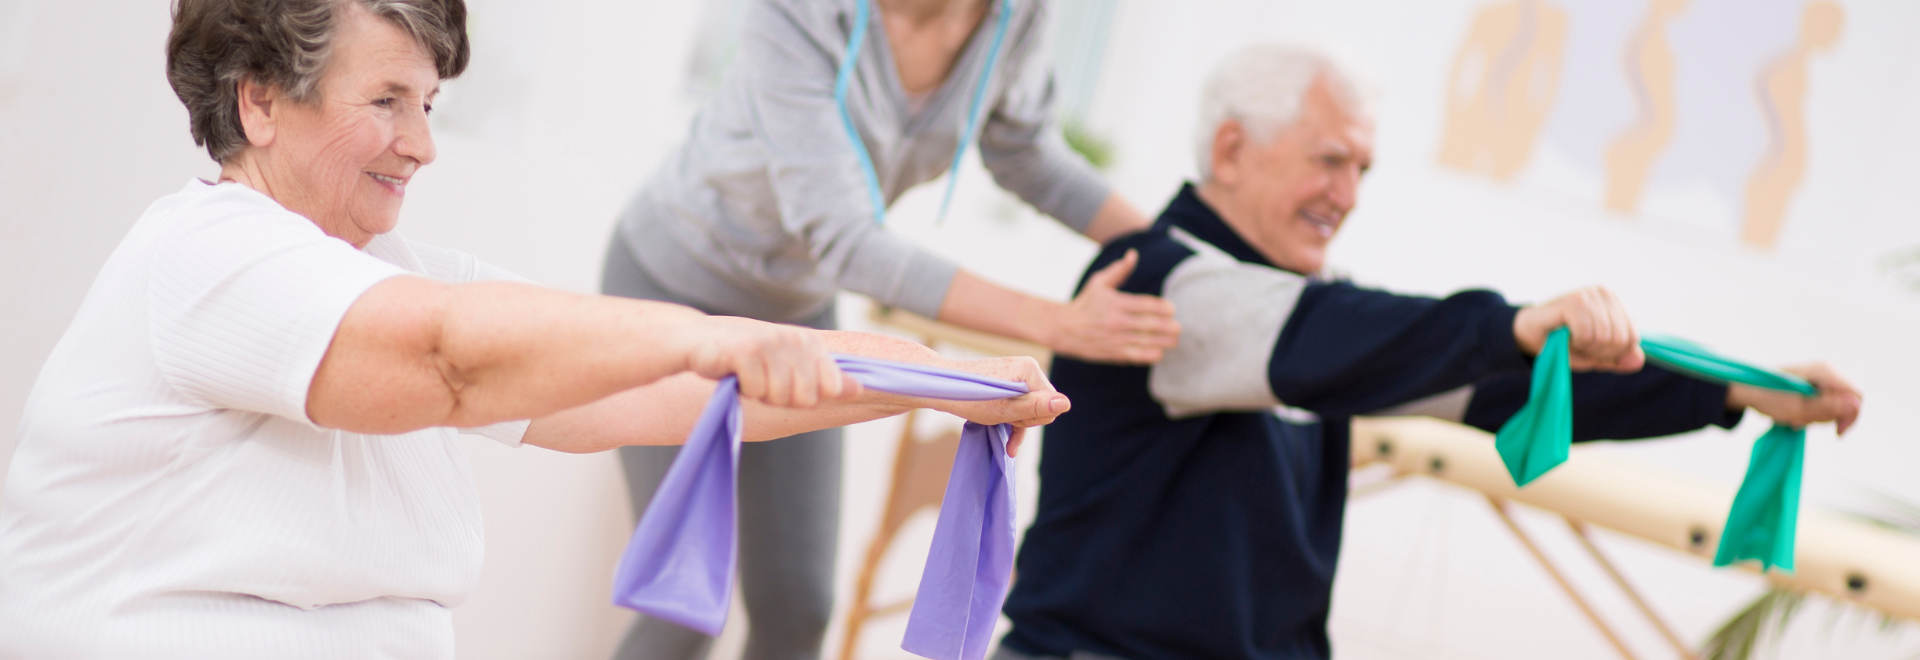 Senior Residence Borne - Pakiety rehabilitacji specjalistycznej - header